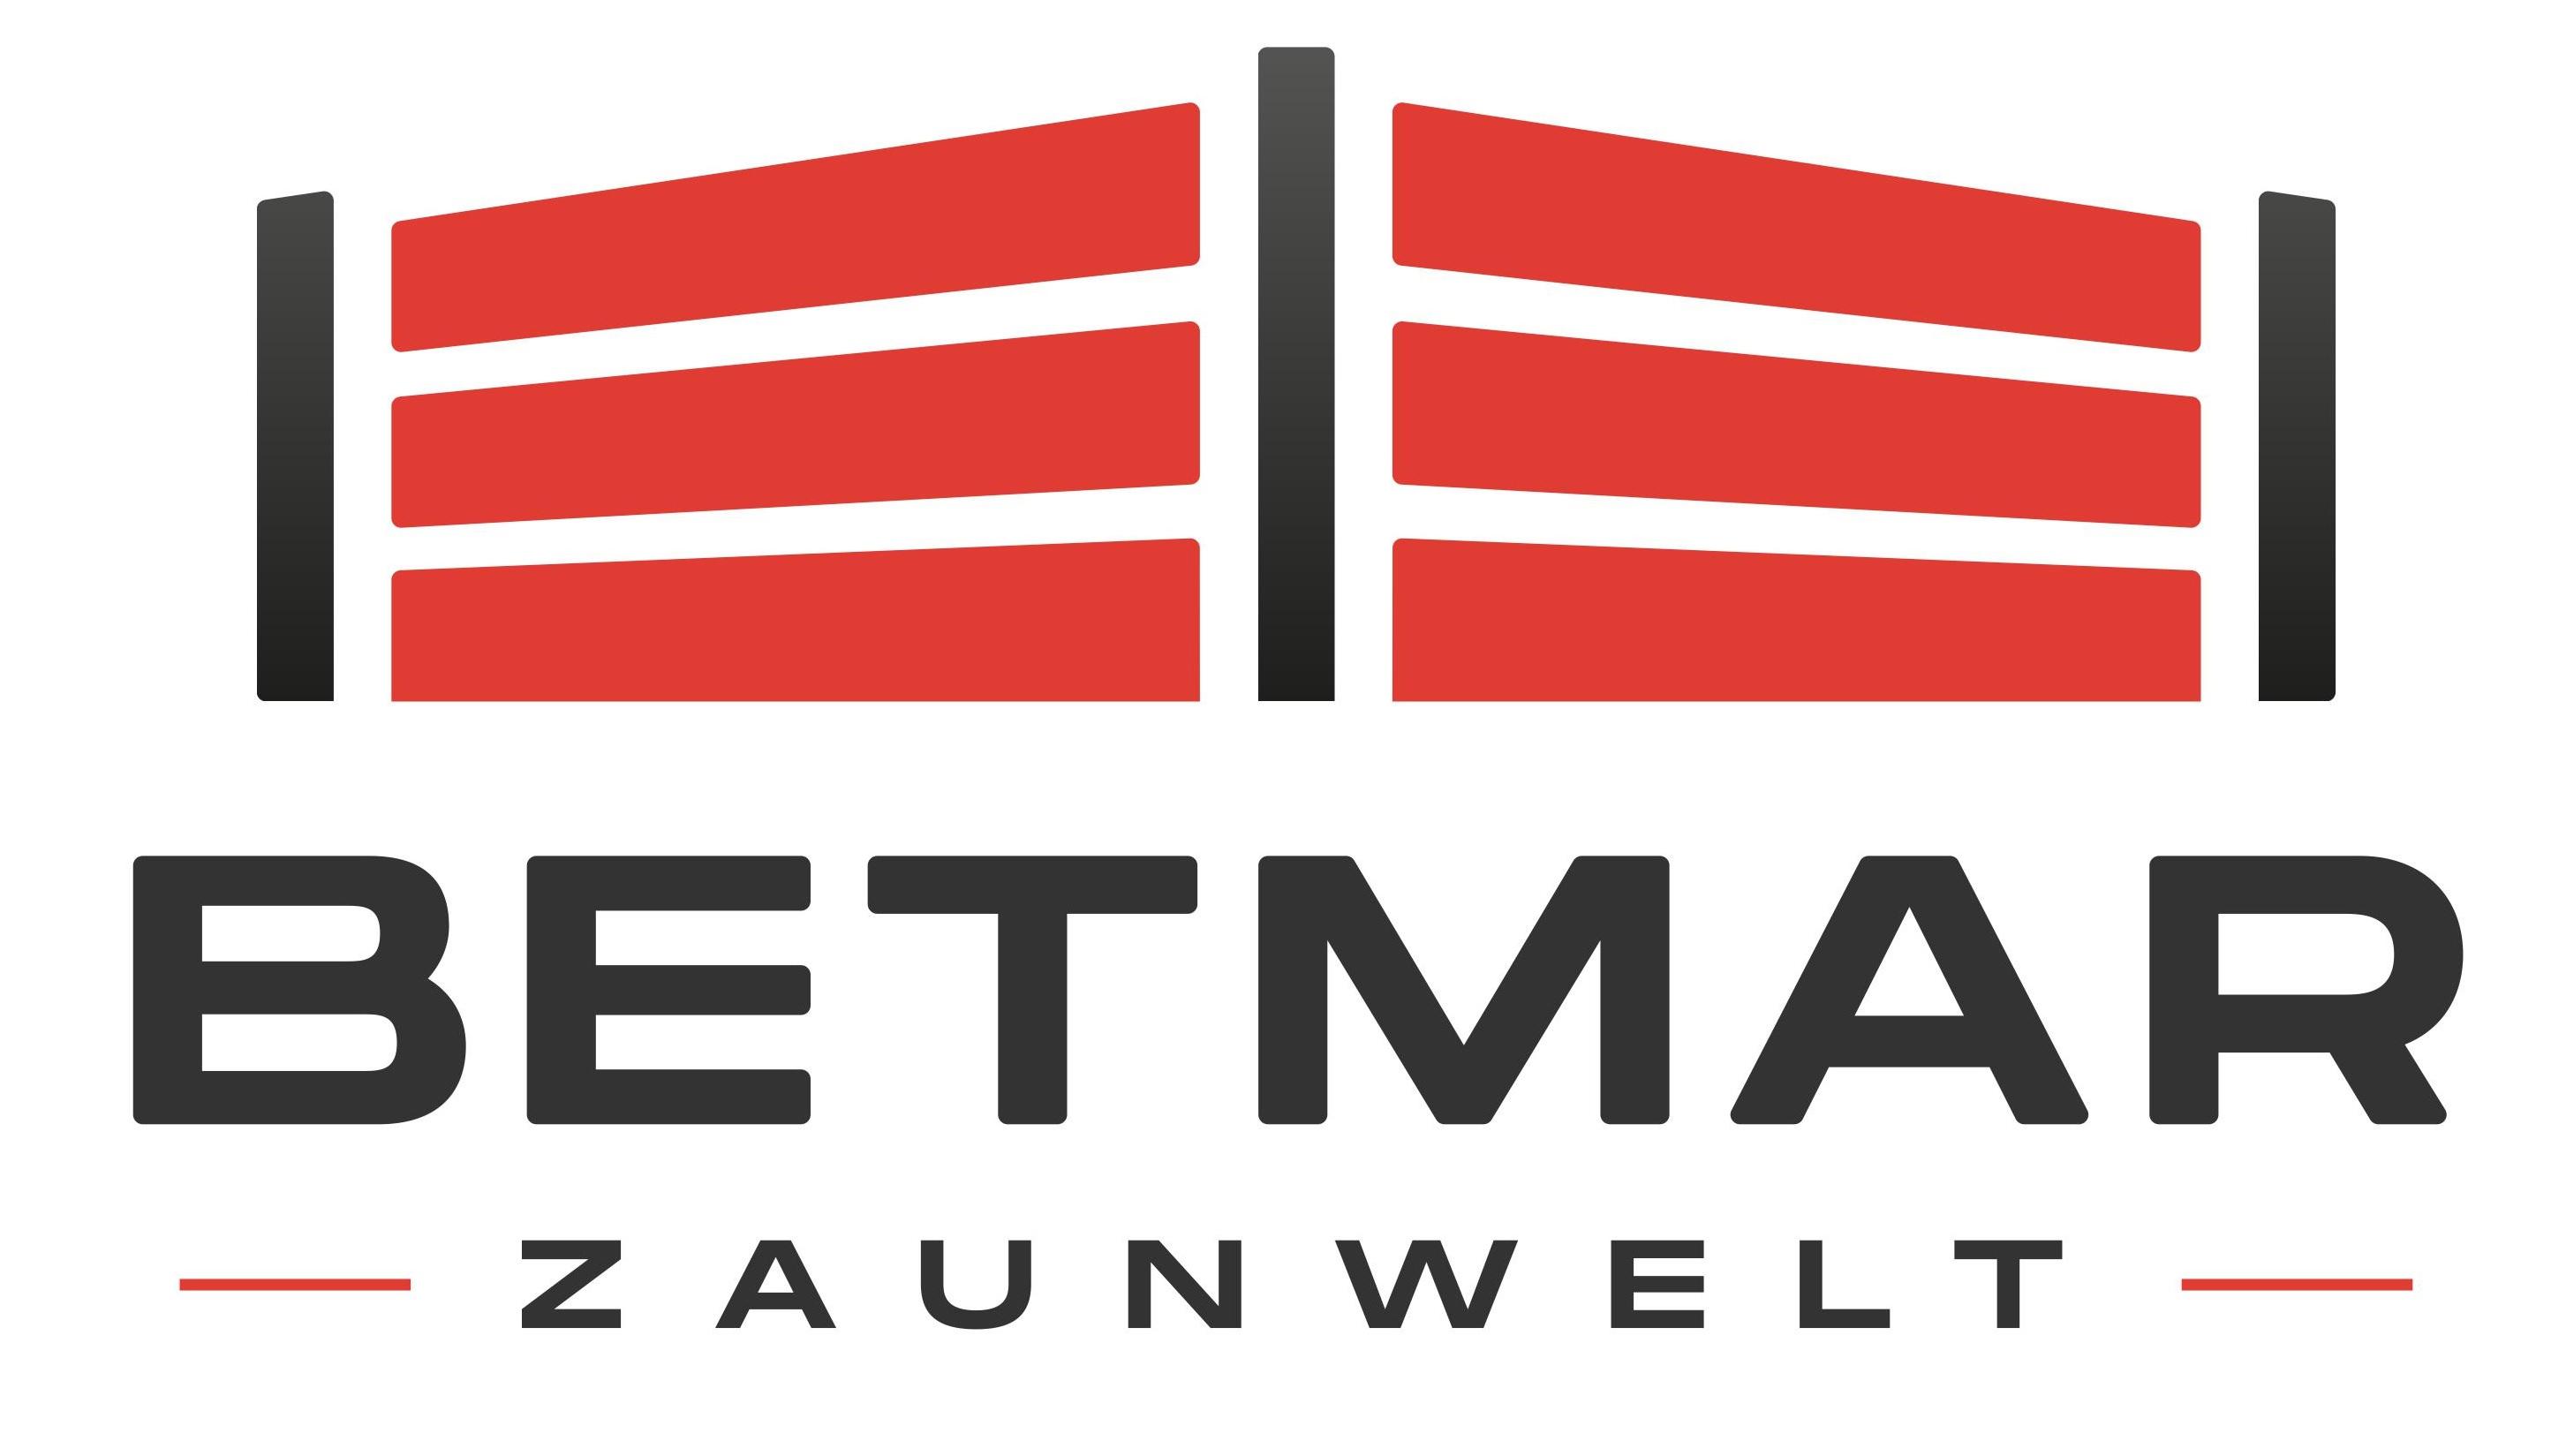 Betmar Zaunwelt